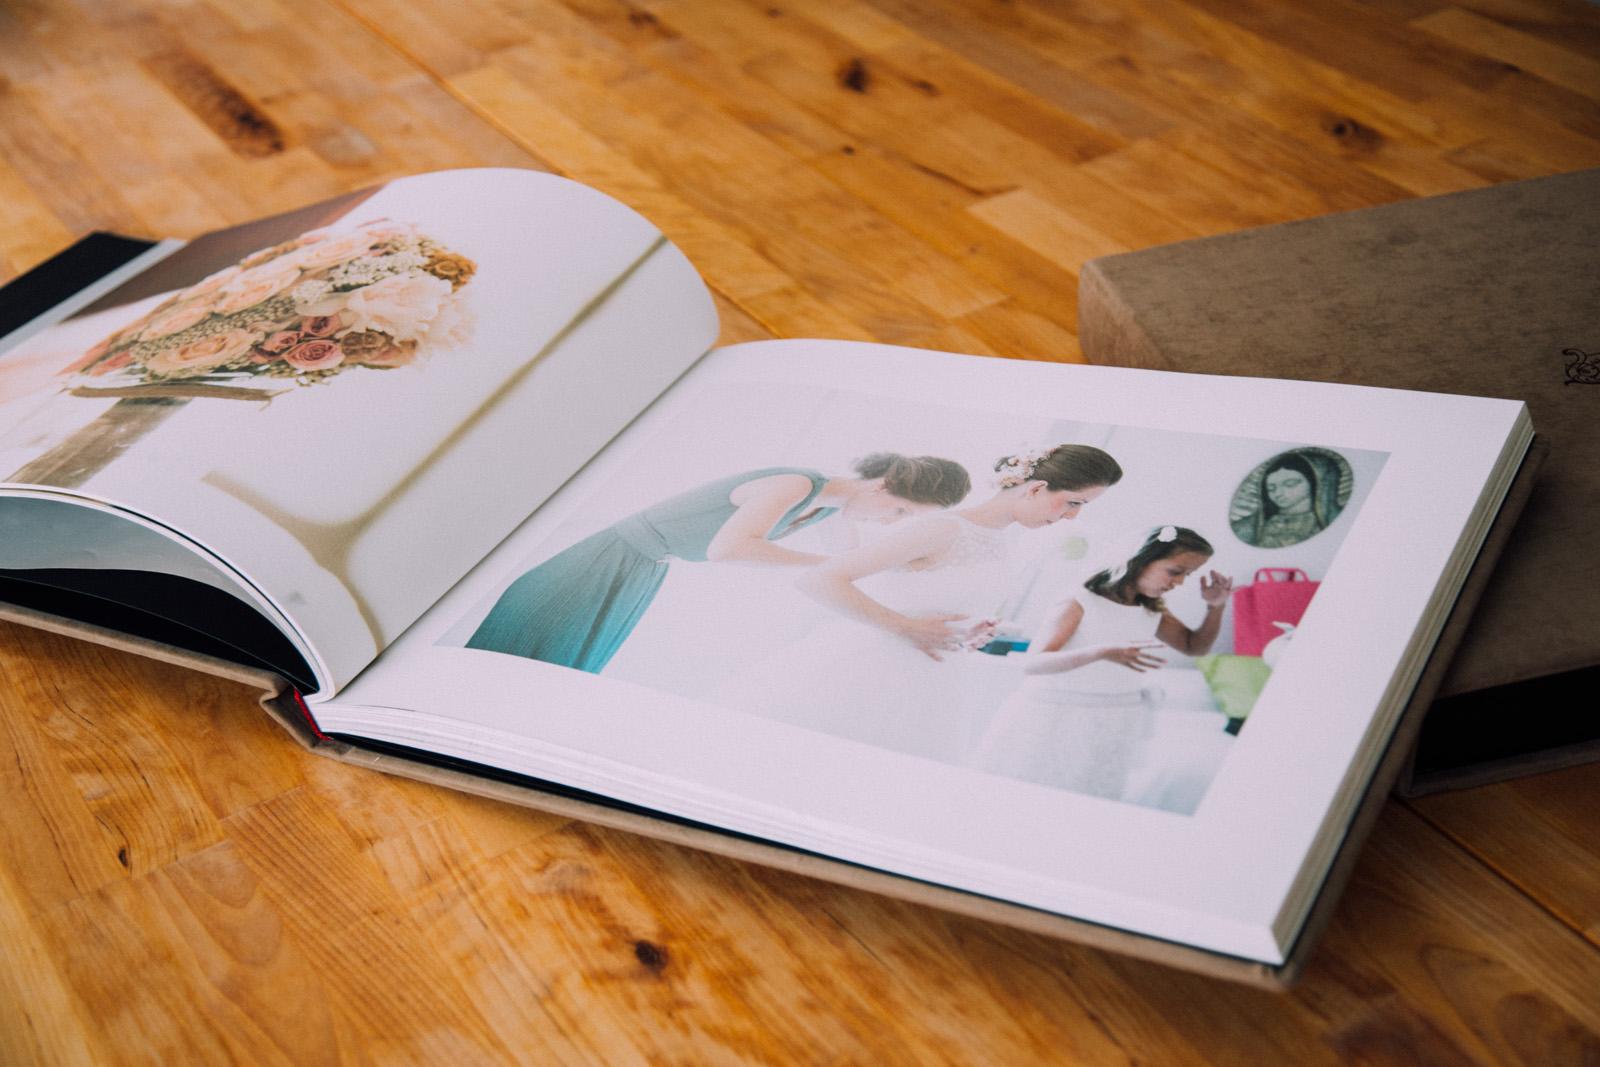 Album 40x30 con 100 páginas, lo que permite una maquetación espaciada y con fotos grandes